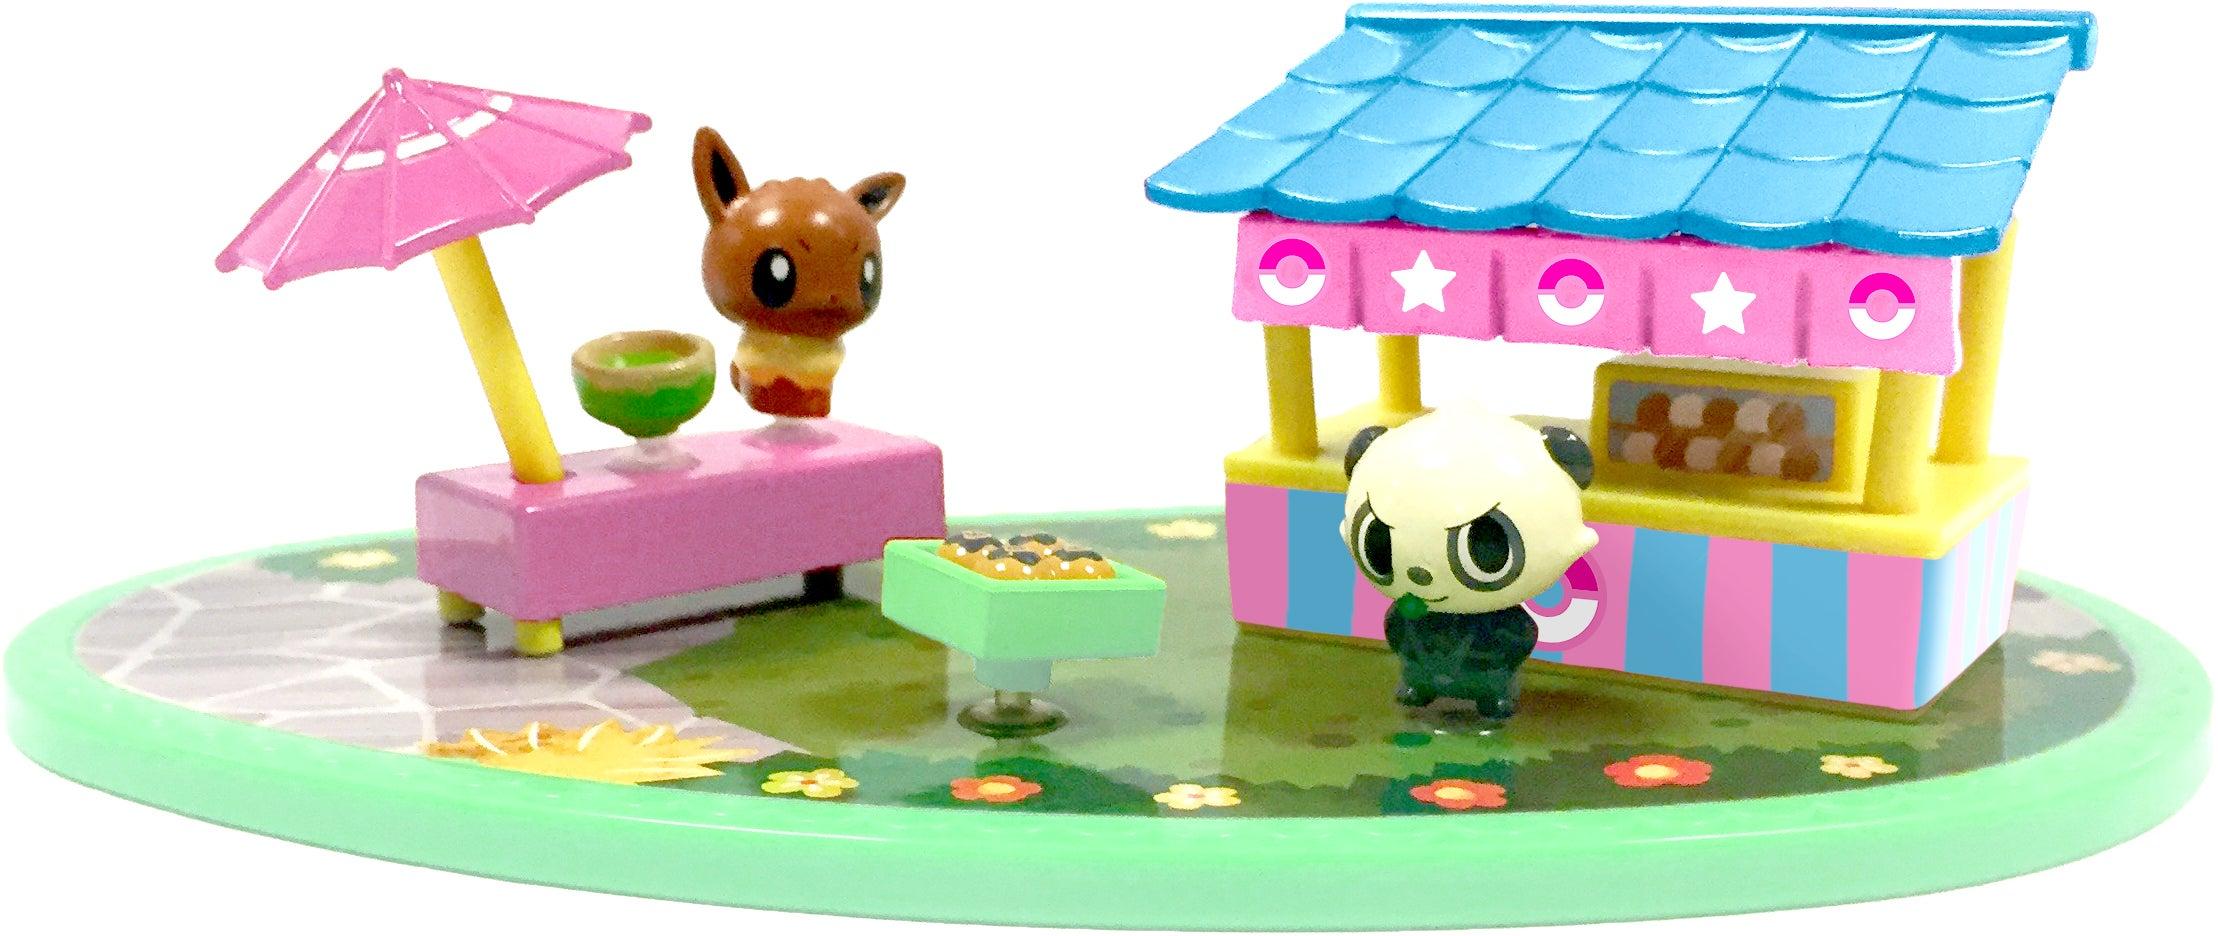 Ces jouets Pokémon sont destinés aux filles mais les garçons en voudront aussi